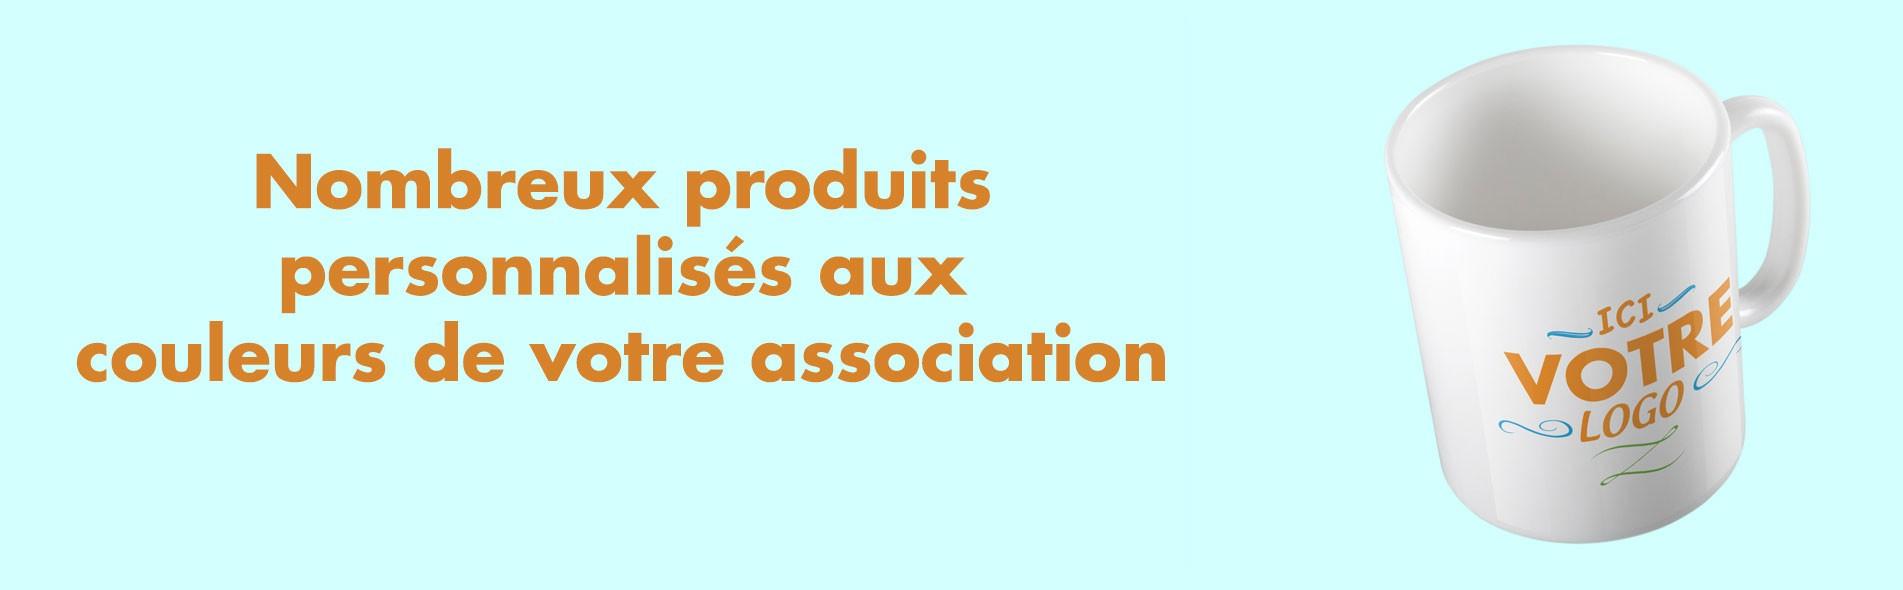 Nombreux produits